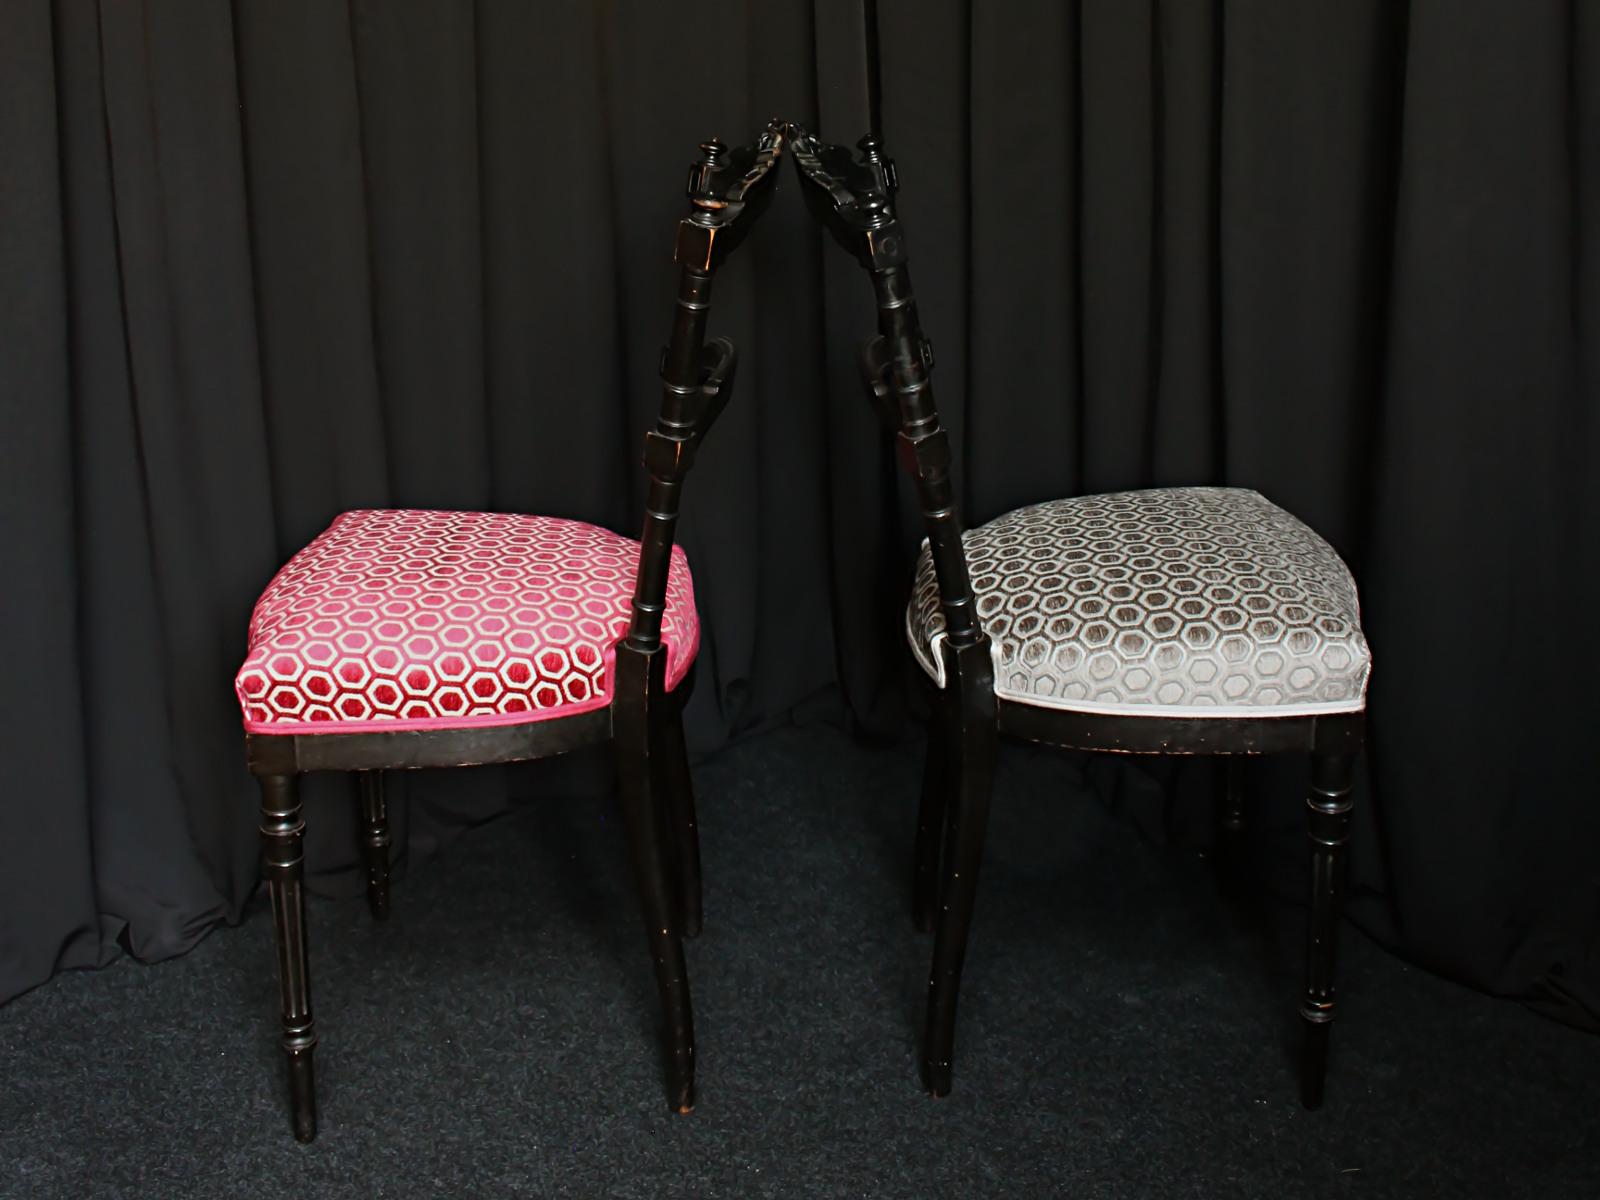 Quel Tissu Pour Chaise restauration chaises napoléon iii - métissage & matières